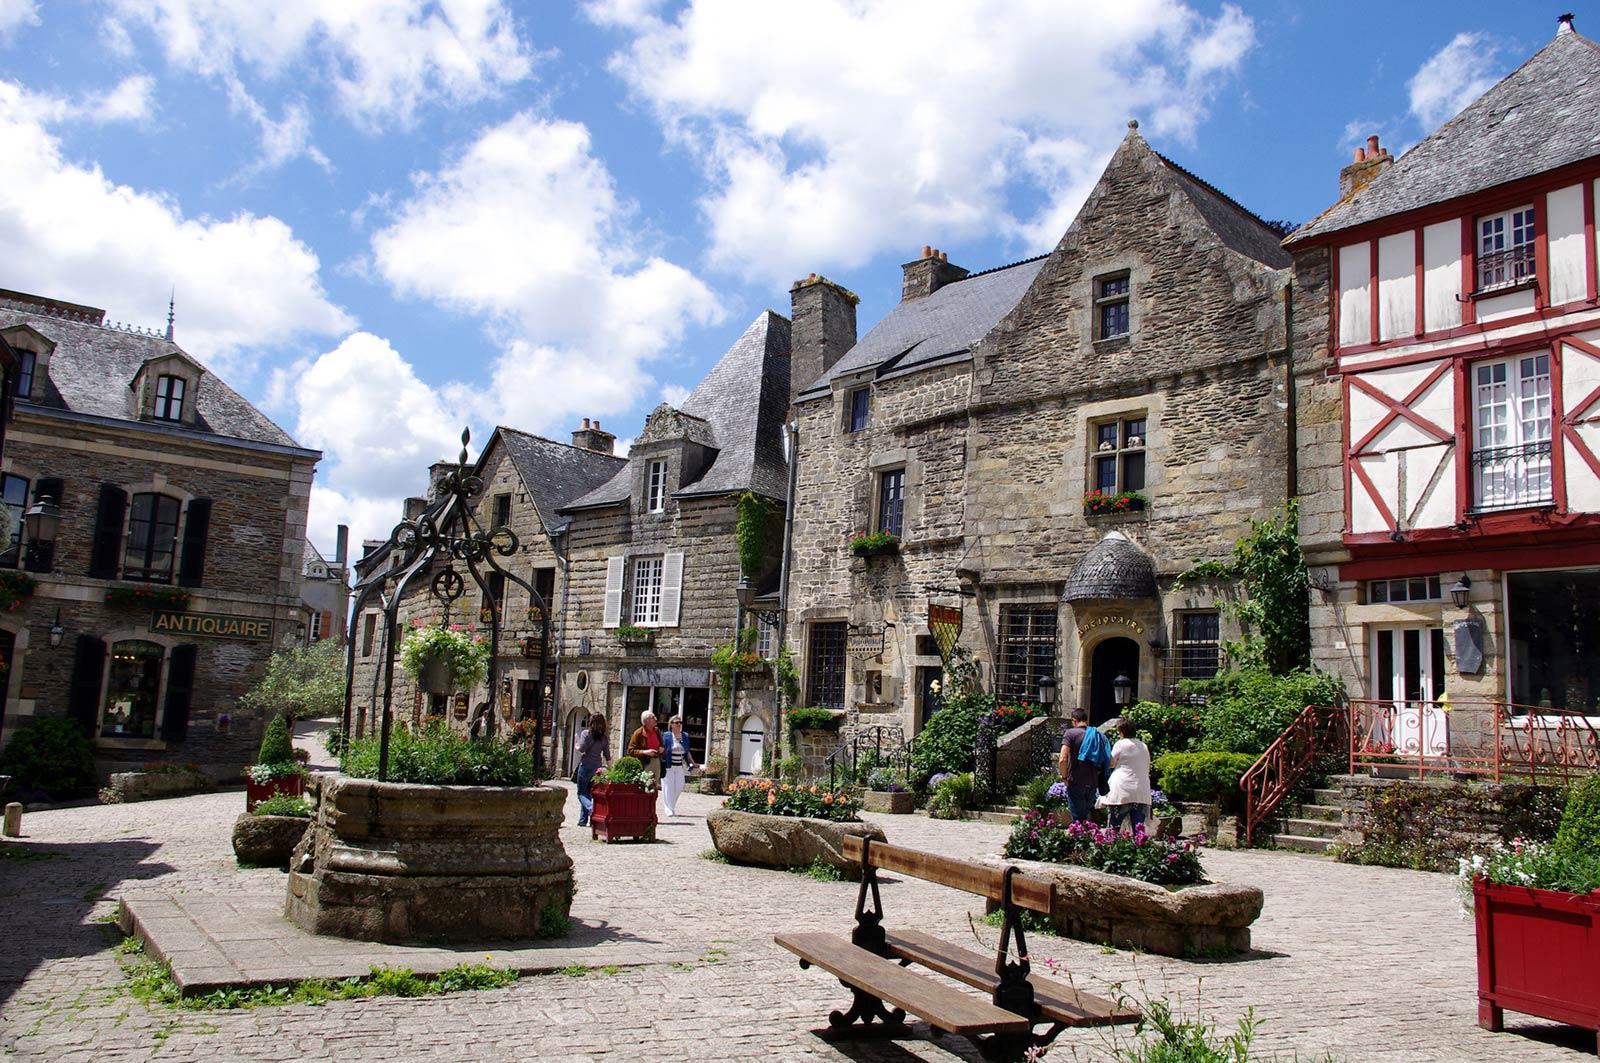 Rochefort en Terre Visites lors de votre séjour en Bretagne Sud